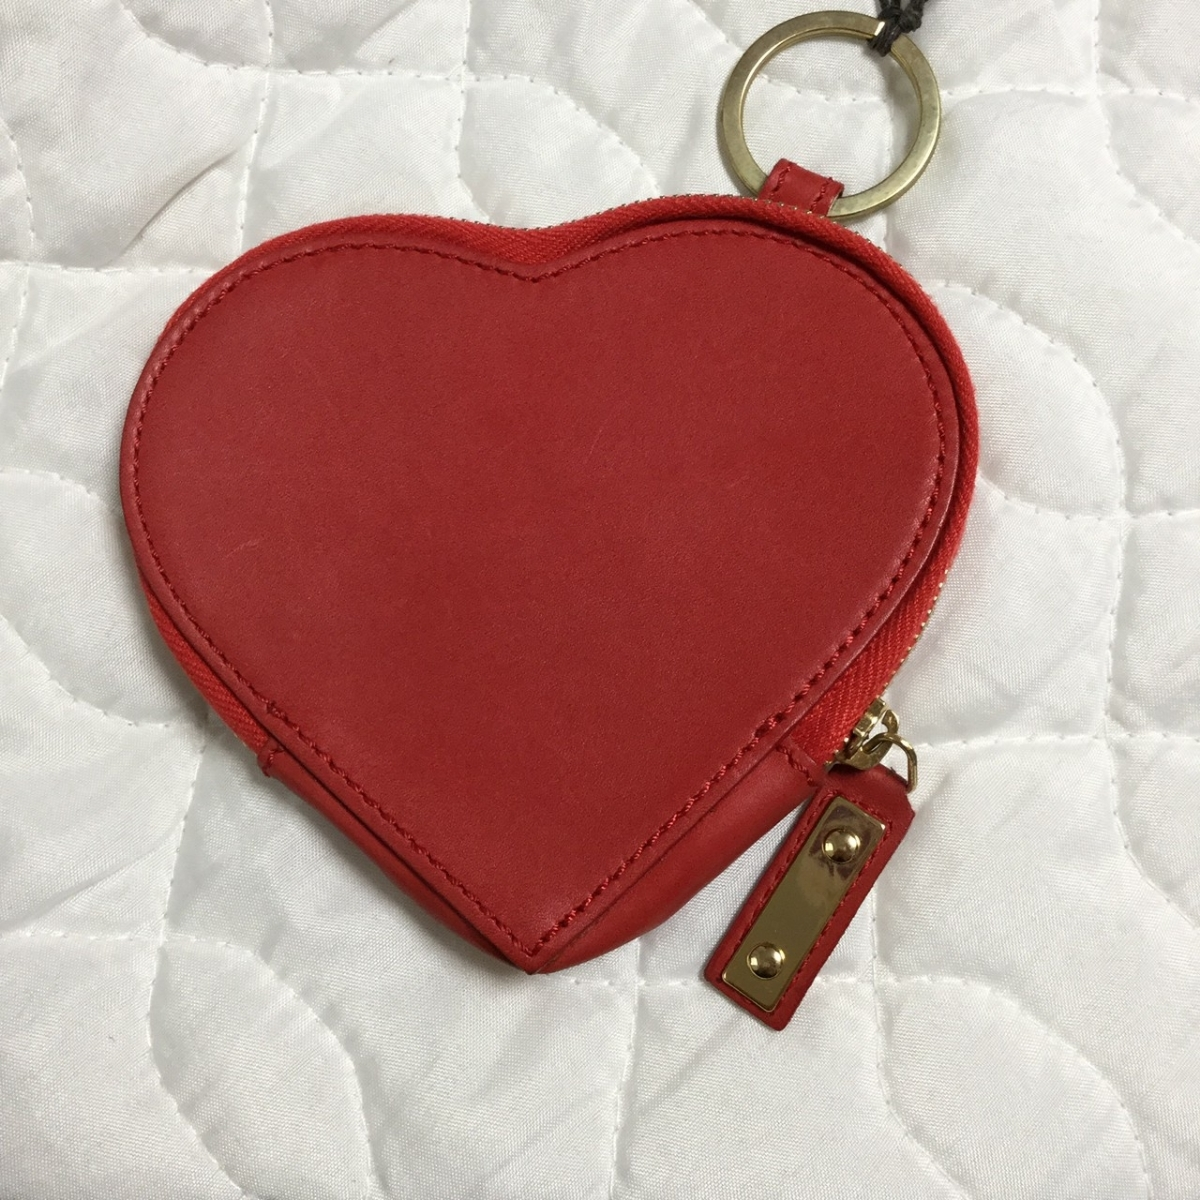 【新品】 DSQUARED ハート レザー 財布 コインケース ポーチ 小物入れ 赤 レッド